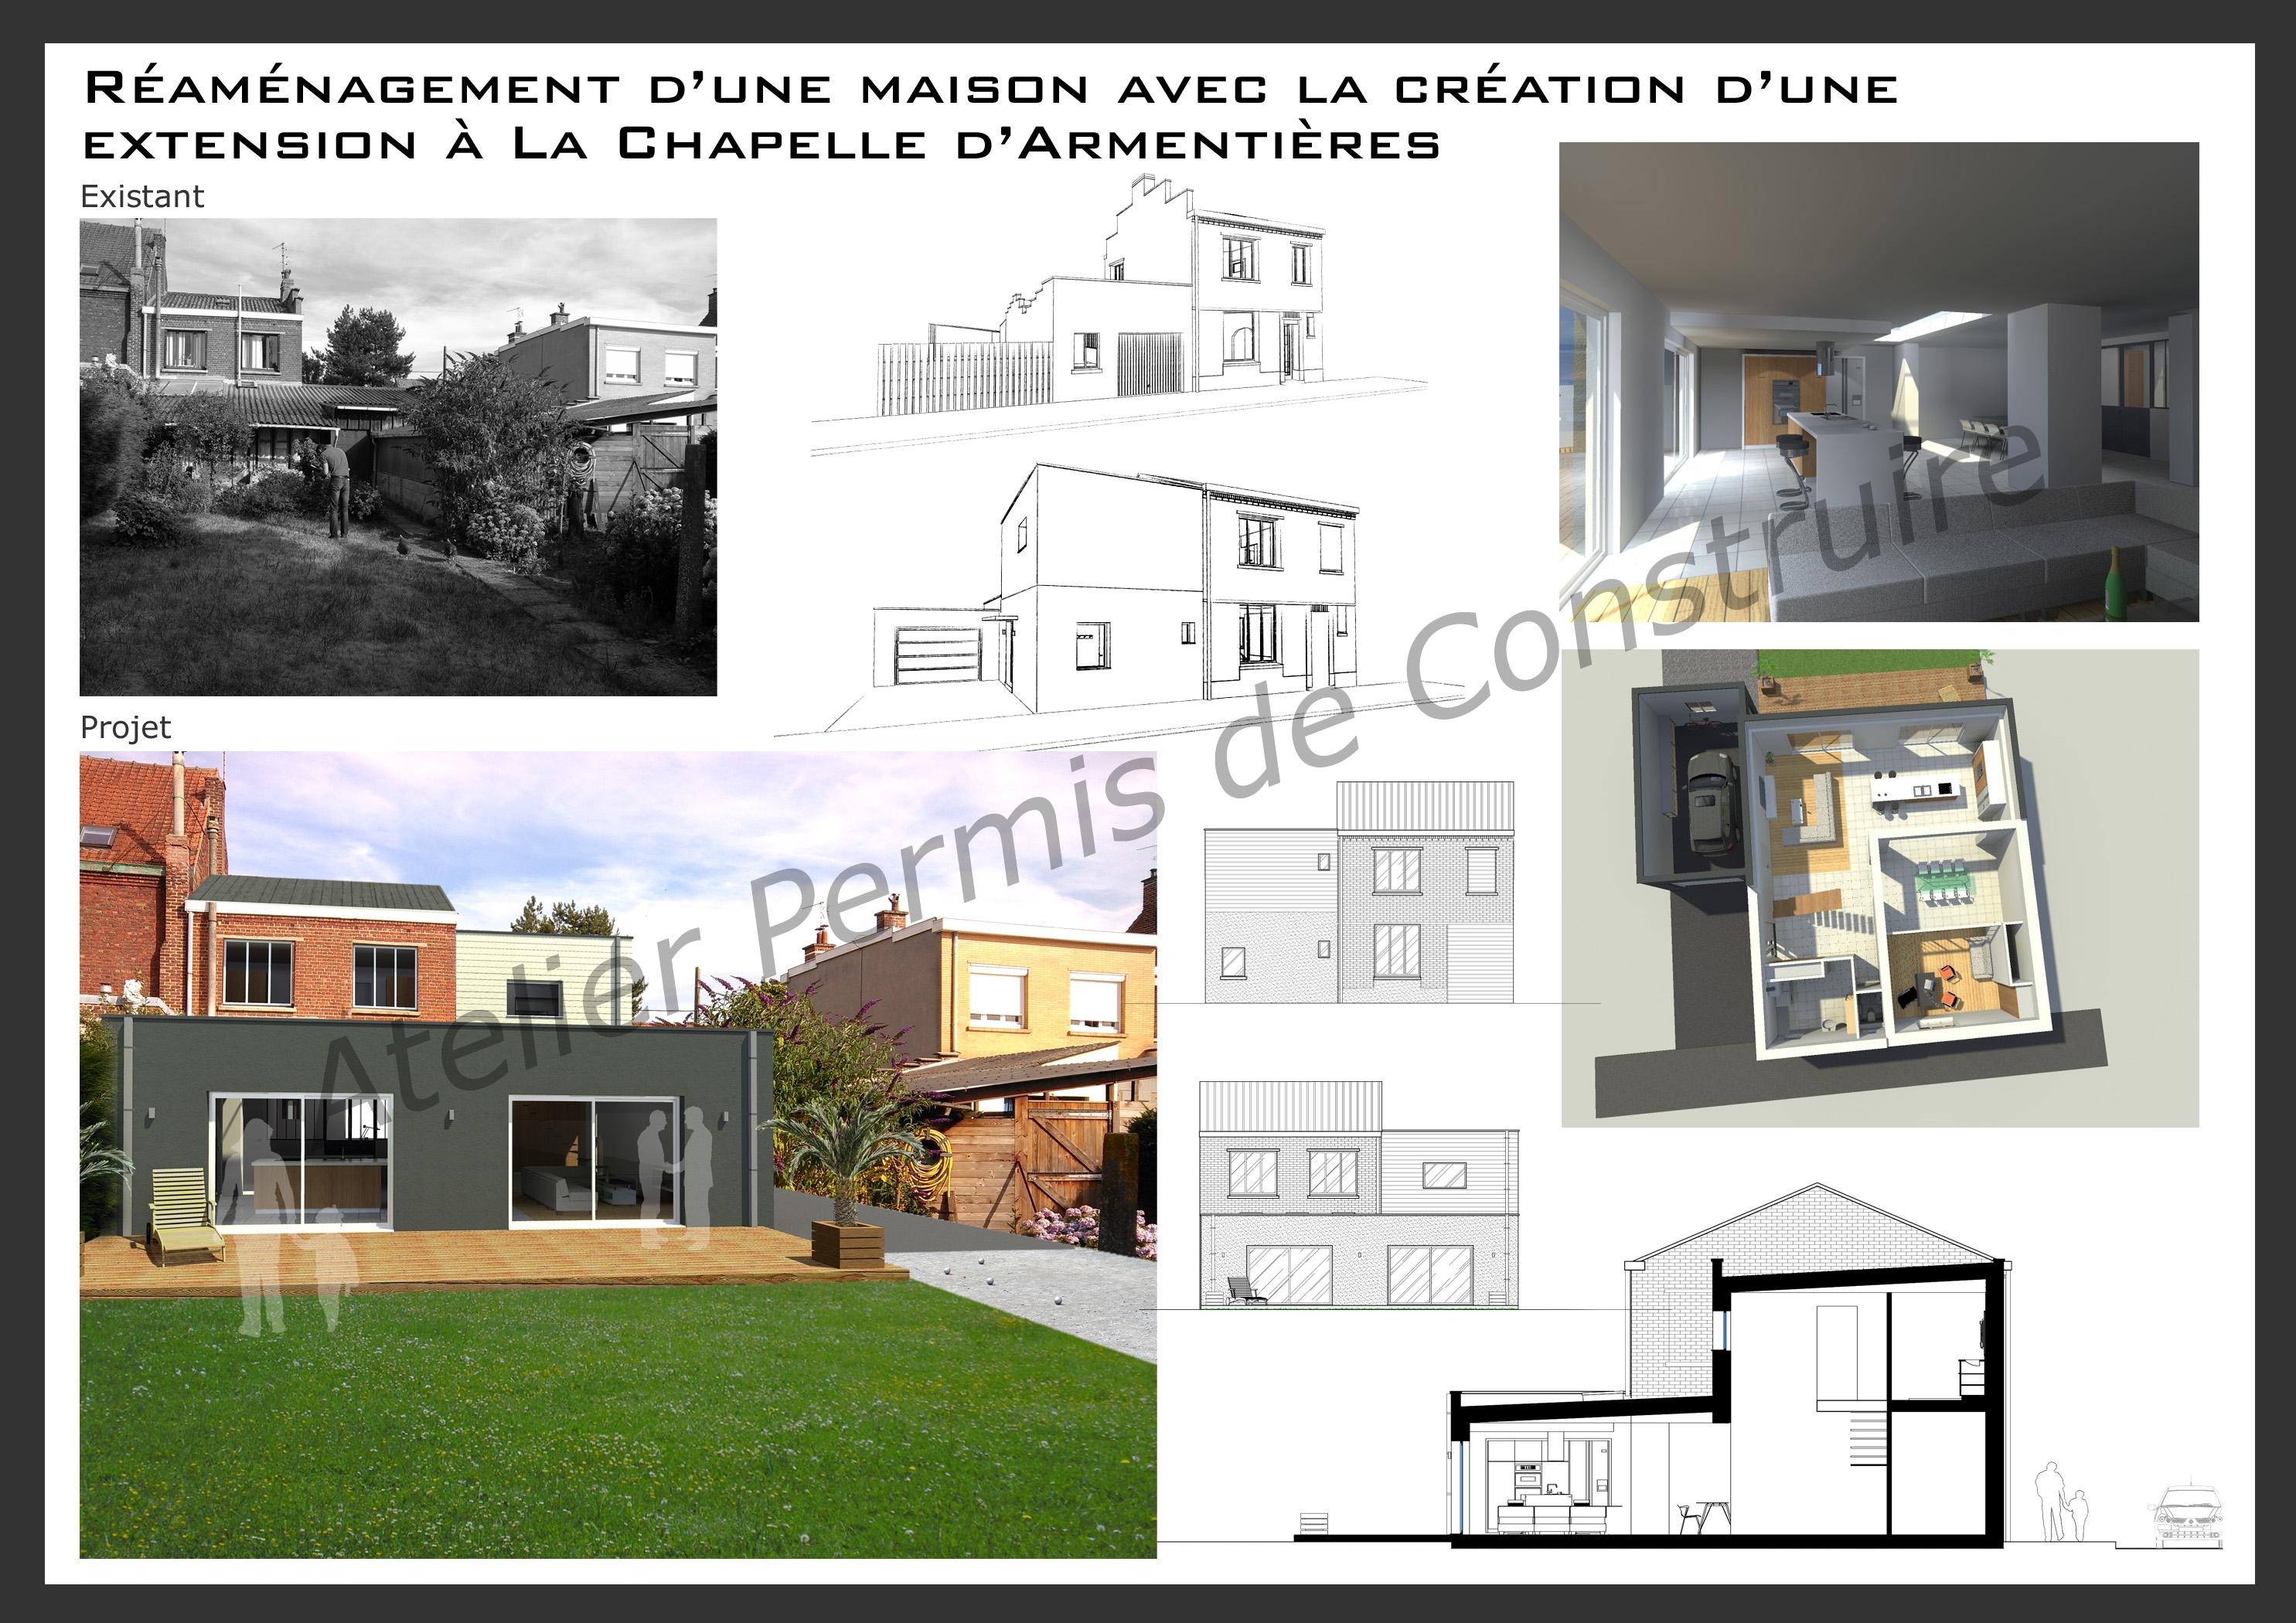 15.27 Atelier Permis de construire extension maison nord la chapelle d'Armentières